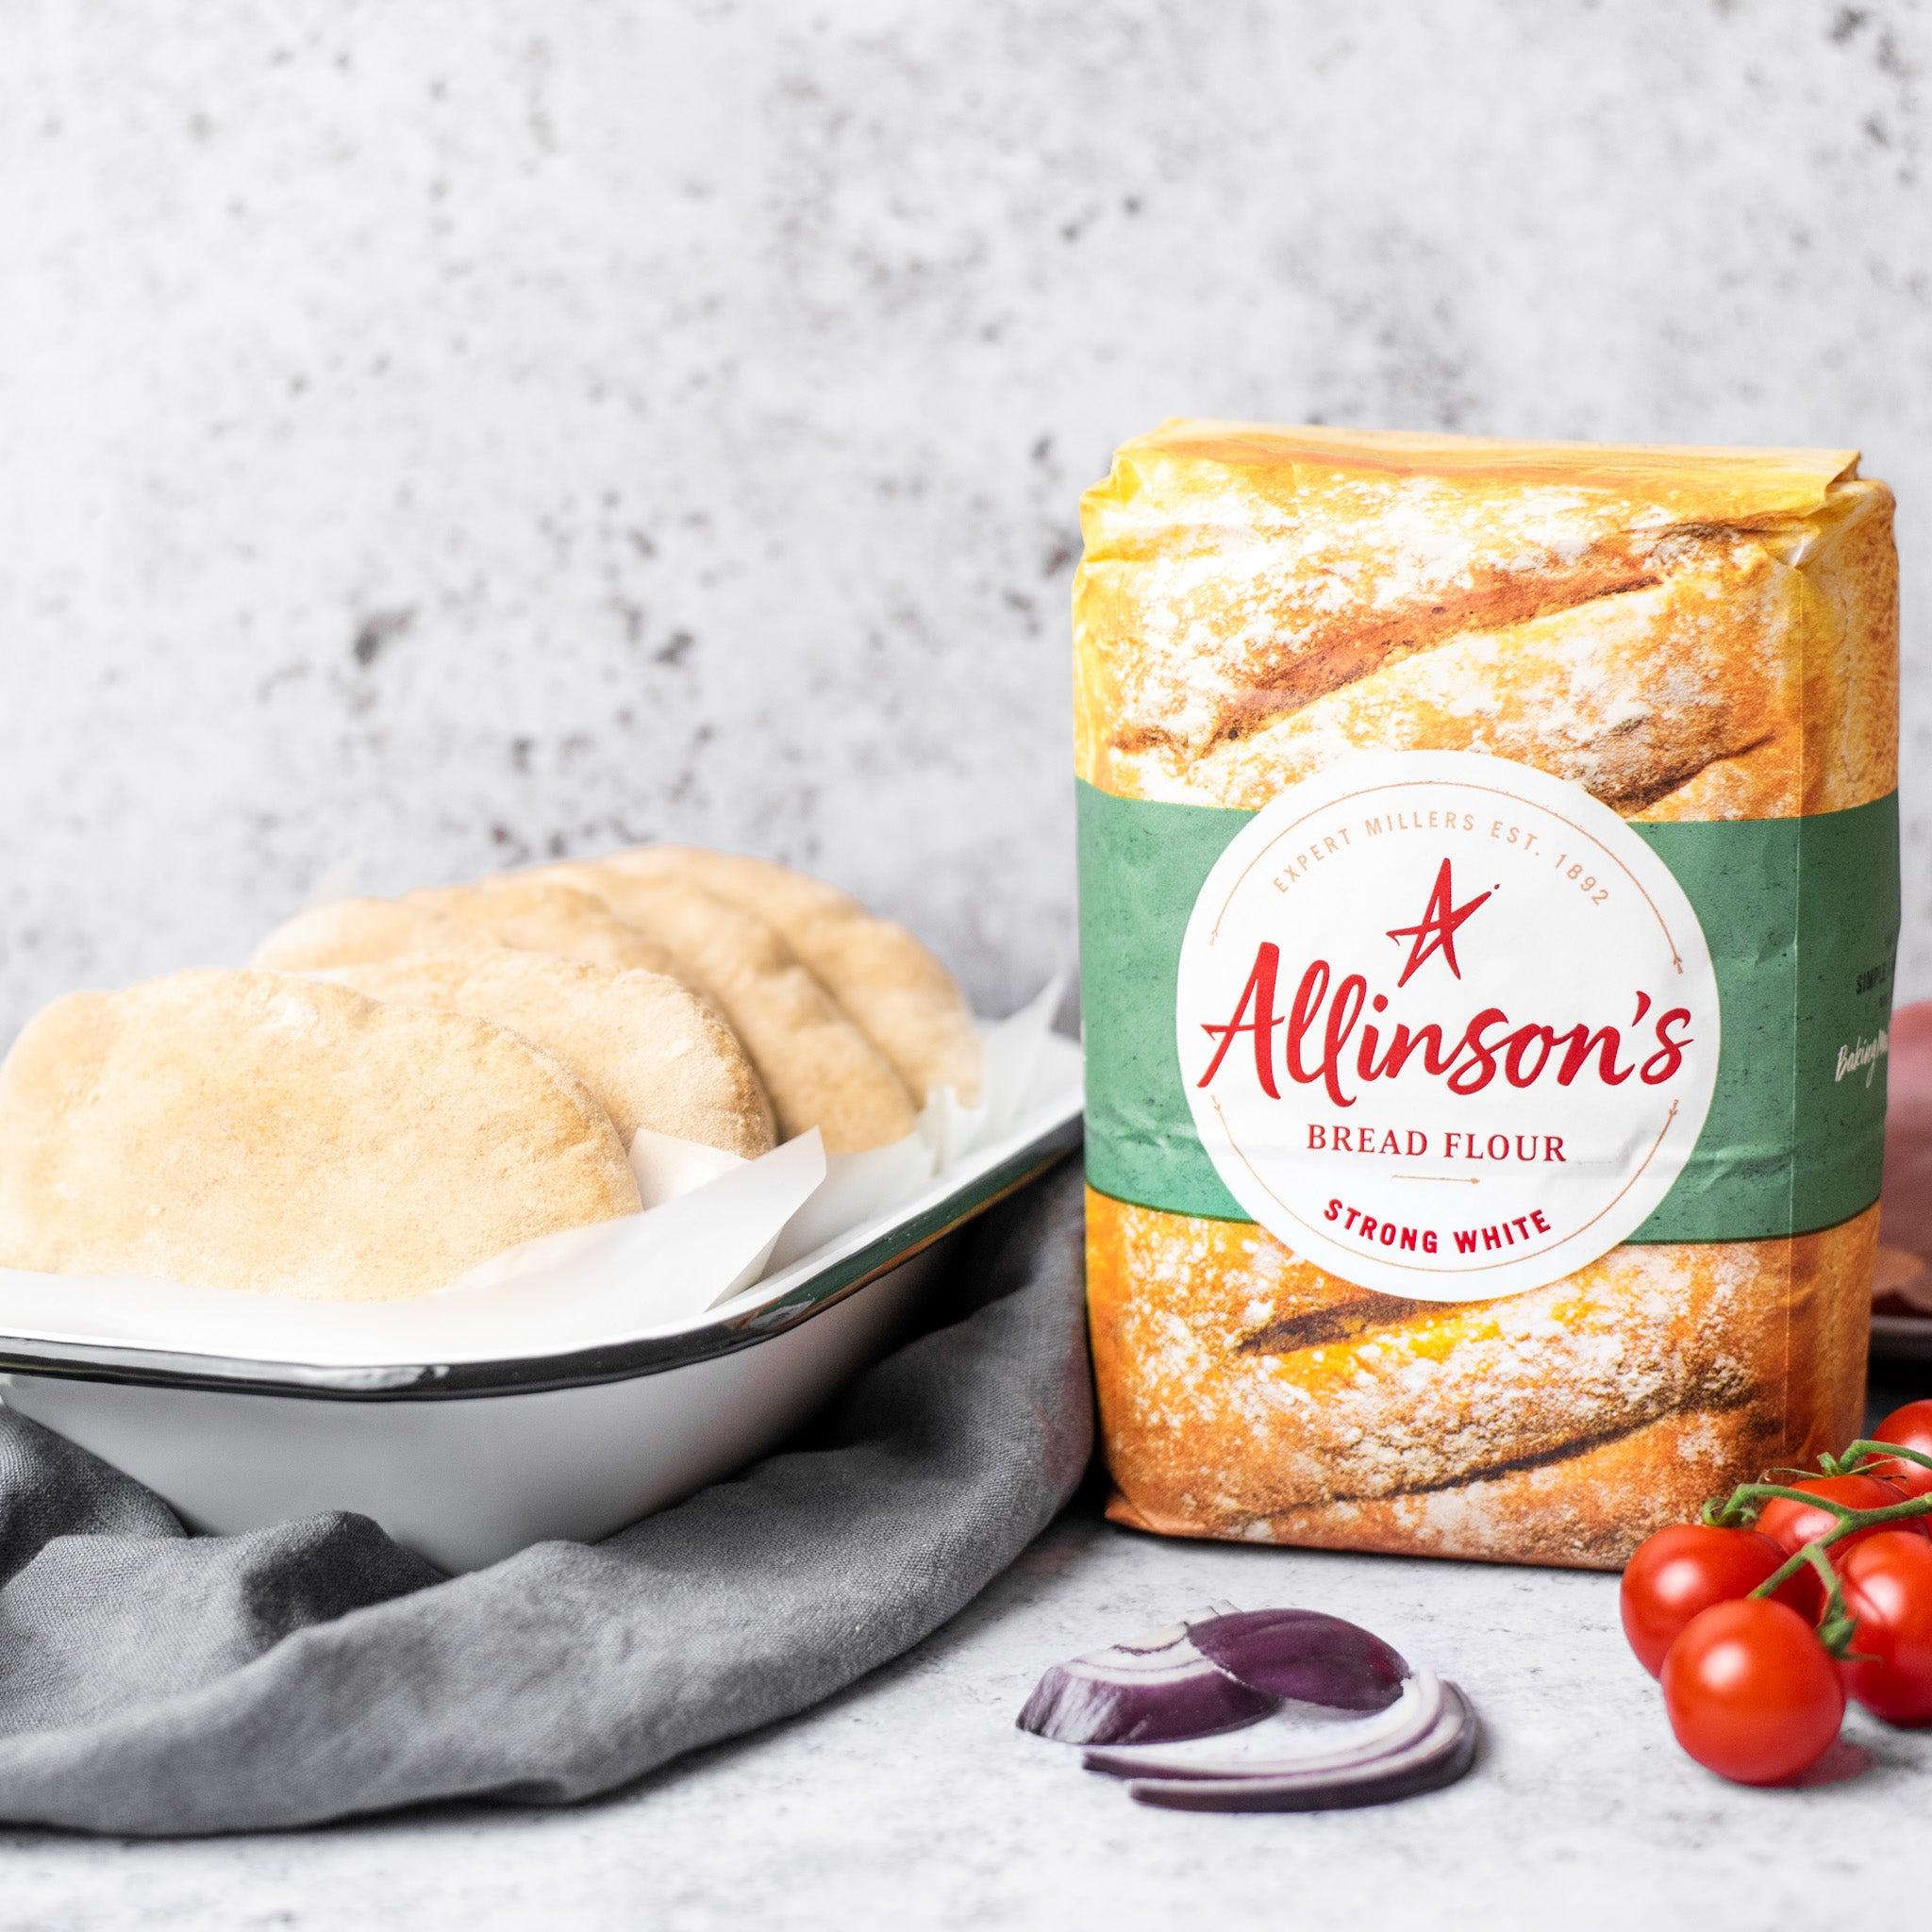 Allinsons-Pitta-Bread-1-1-Baking-Mad-4.jpg